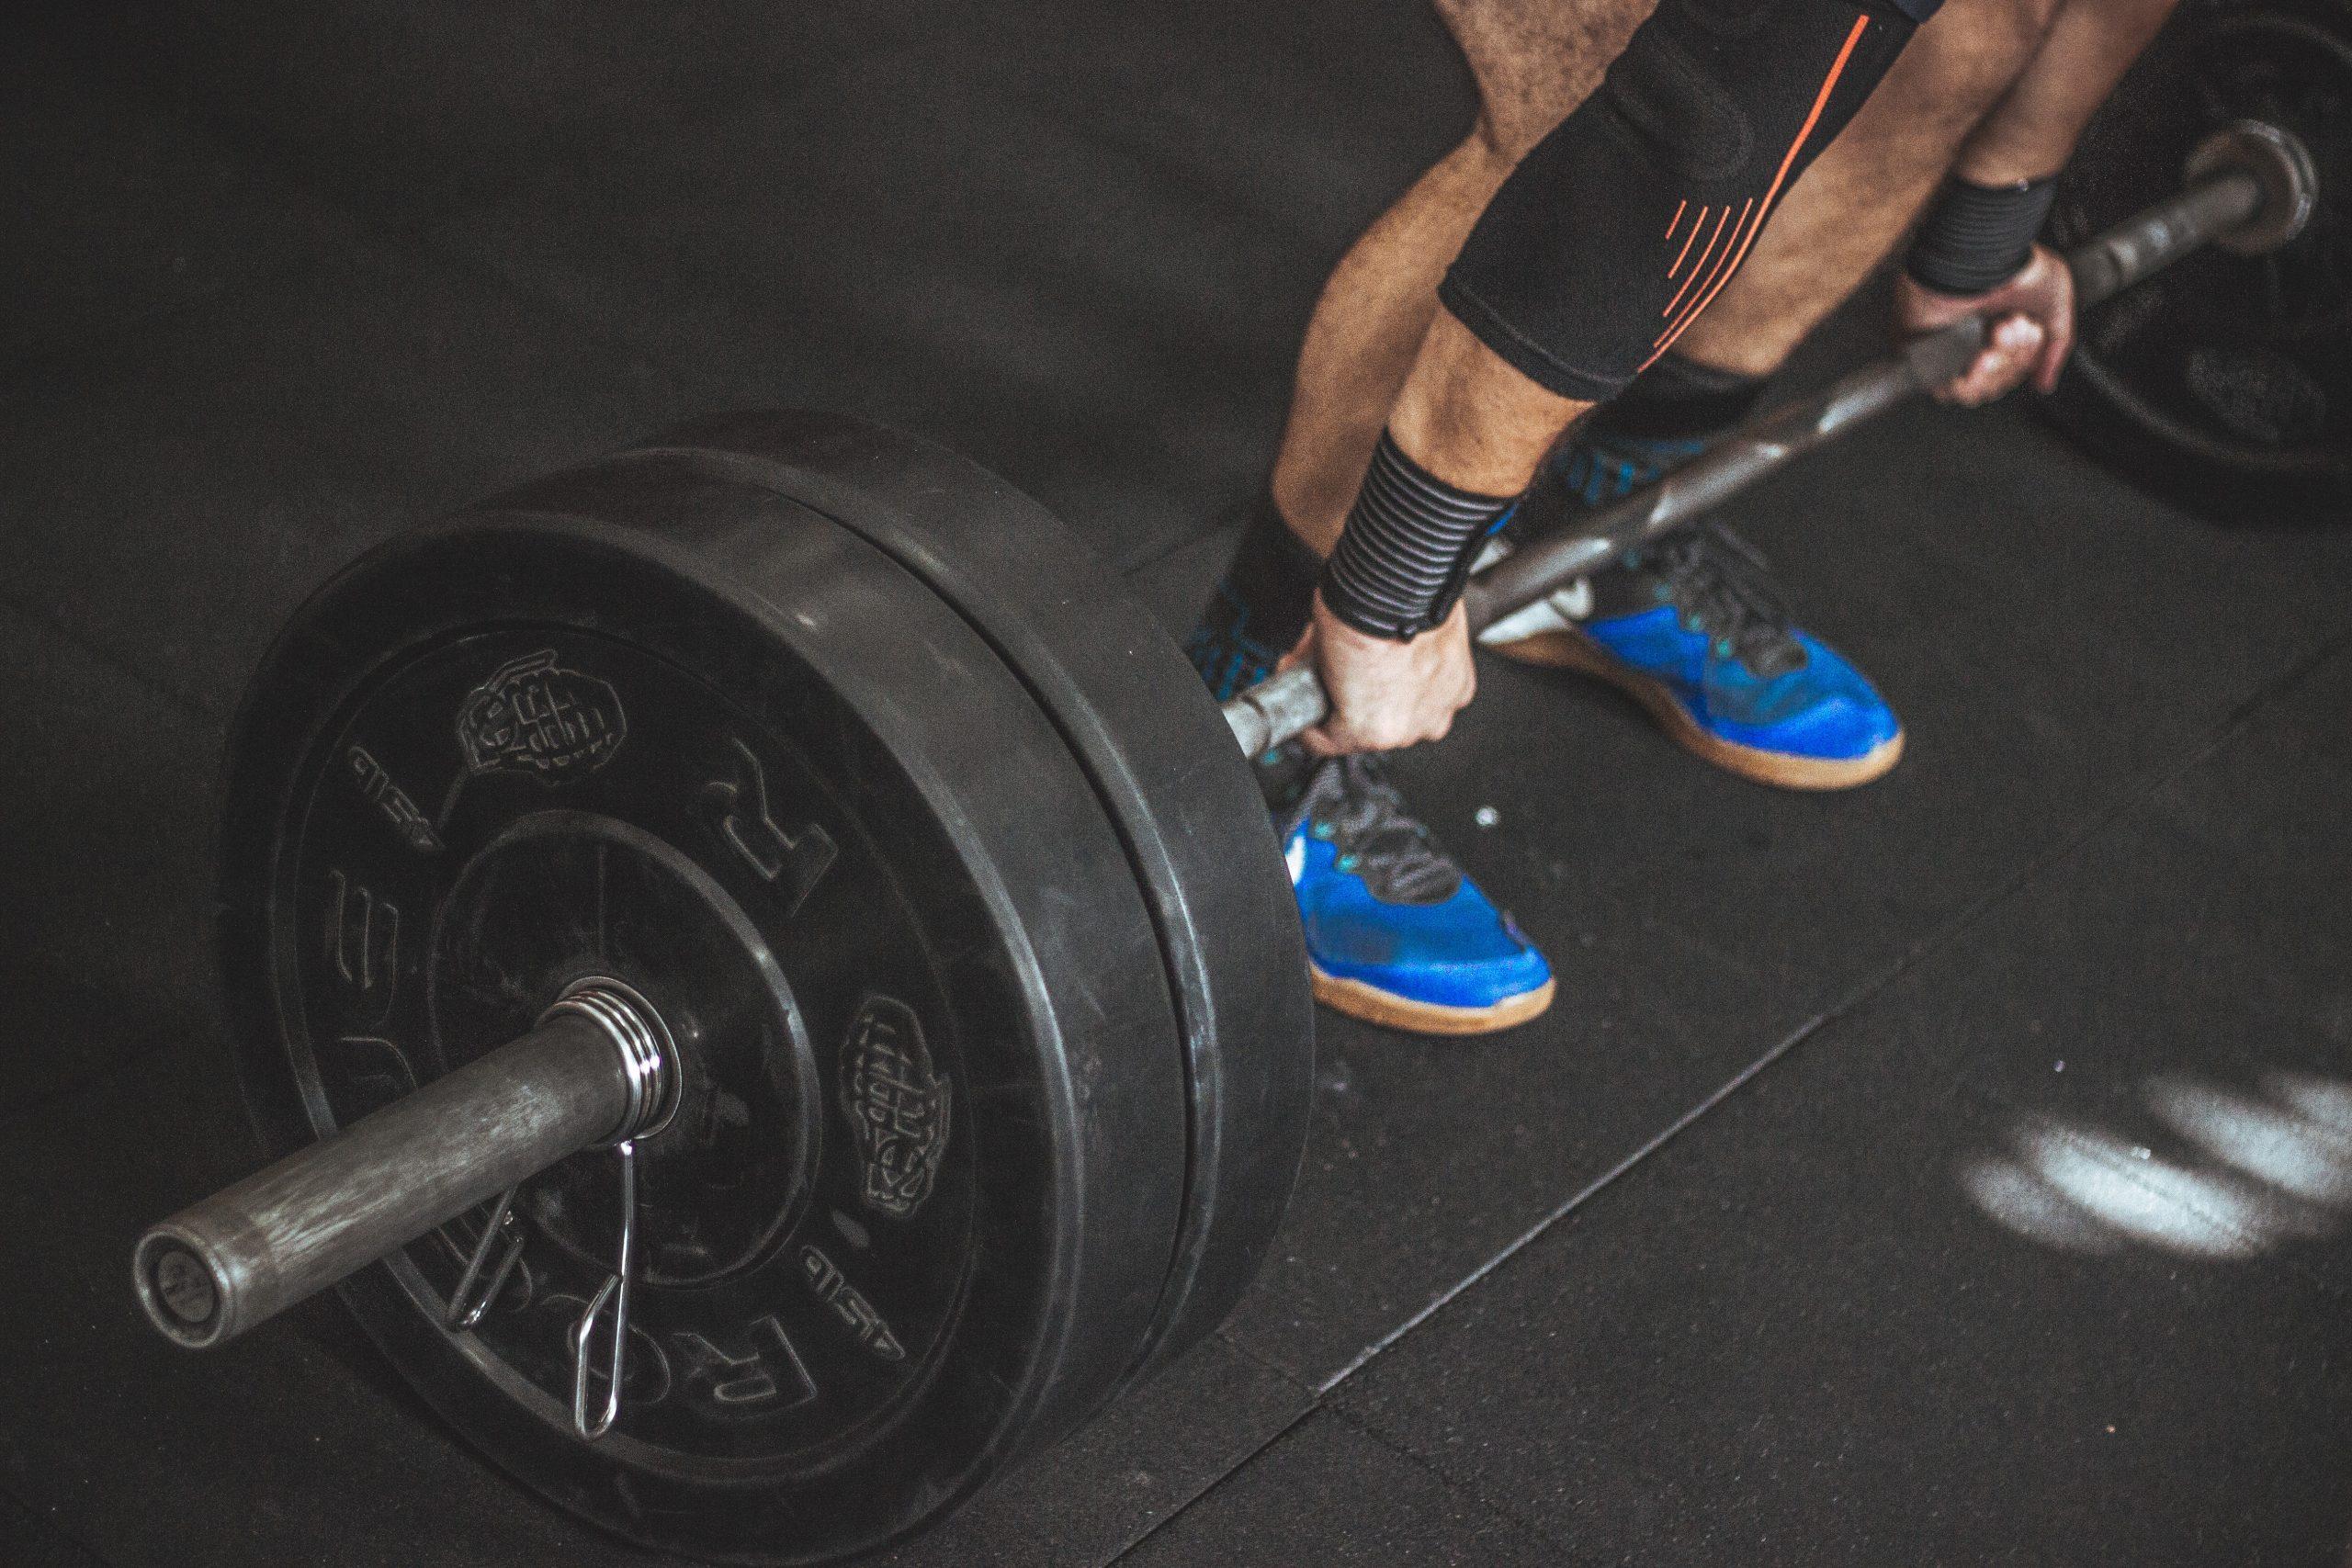 Homem levantando peso na academia com munhequeiras ao redor do pulso